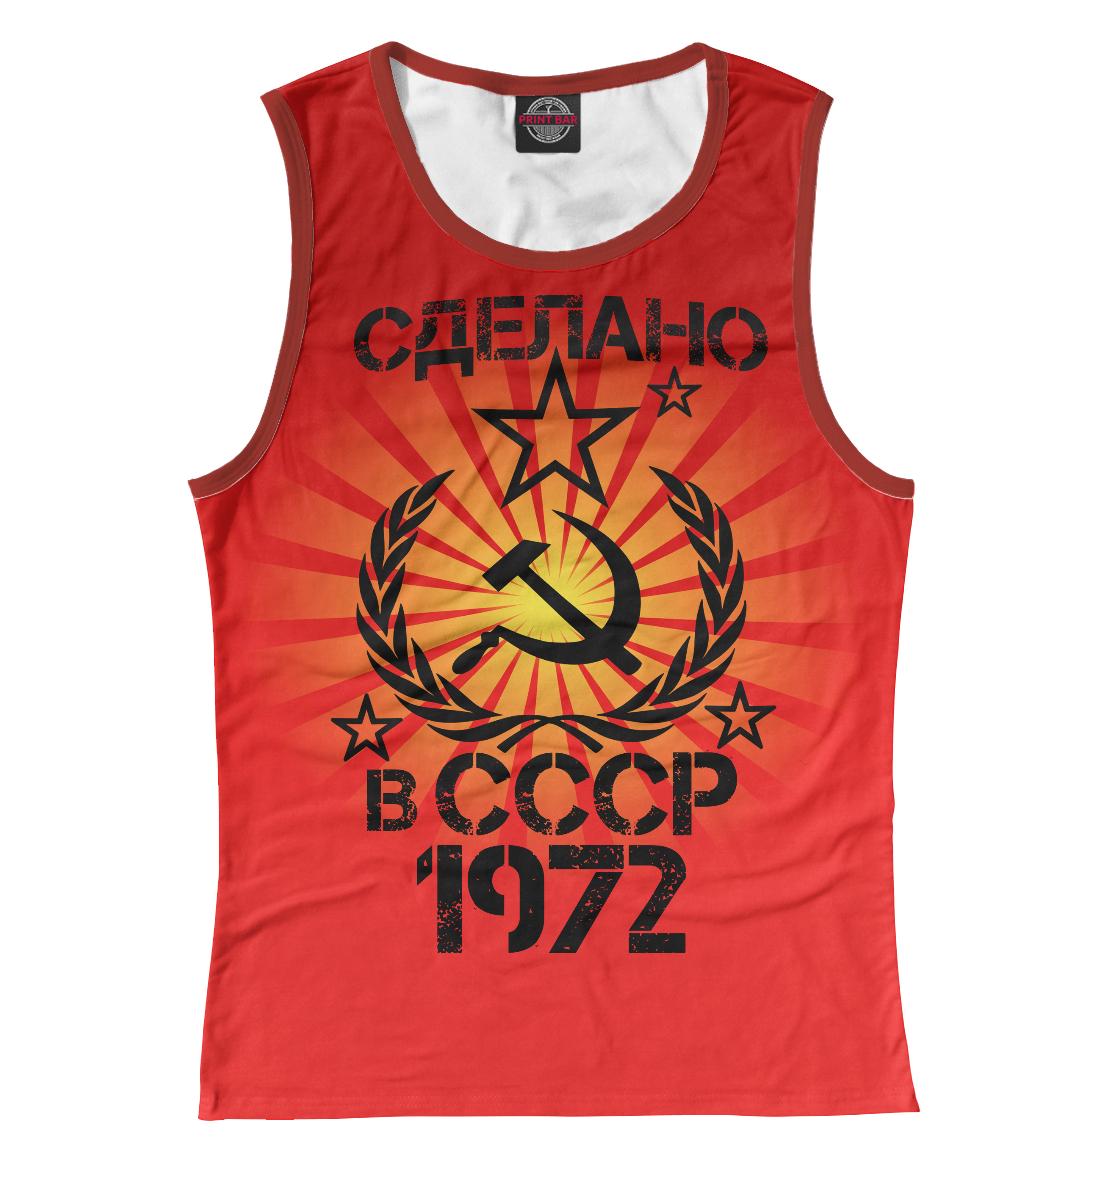 Купить Сделано в 1972, Printbar, Майки, DSA-607556-may-1